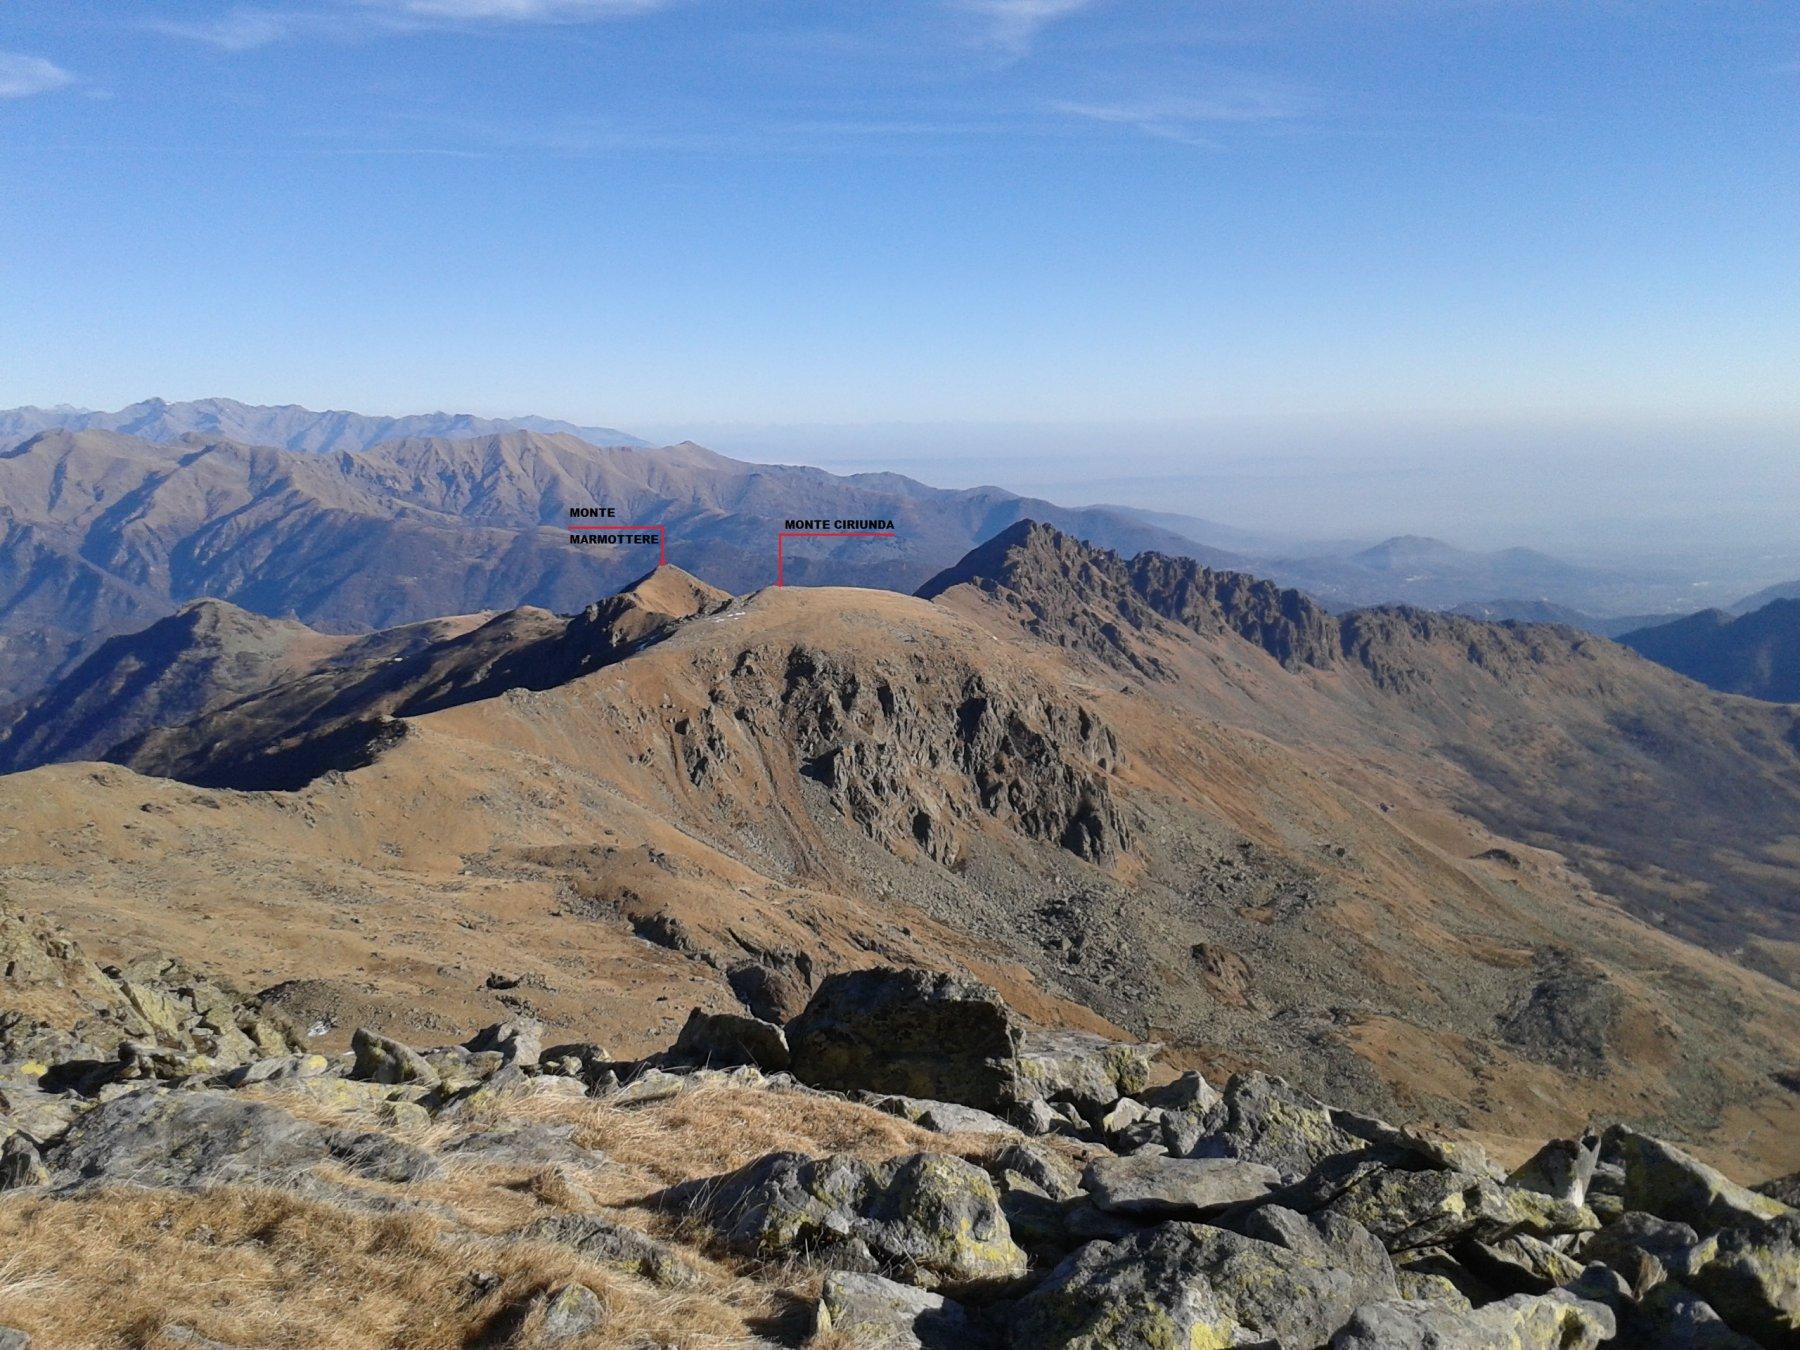 vista su monte Ciriunda e Marmottere dal Ciarm del Prete